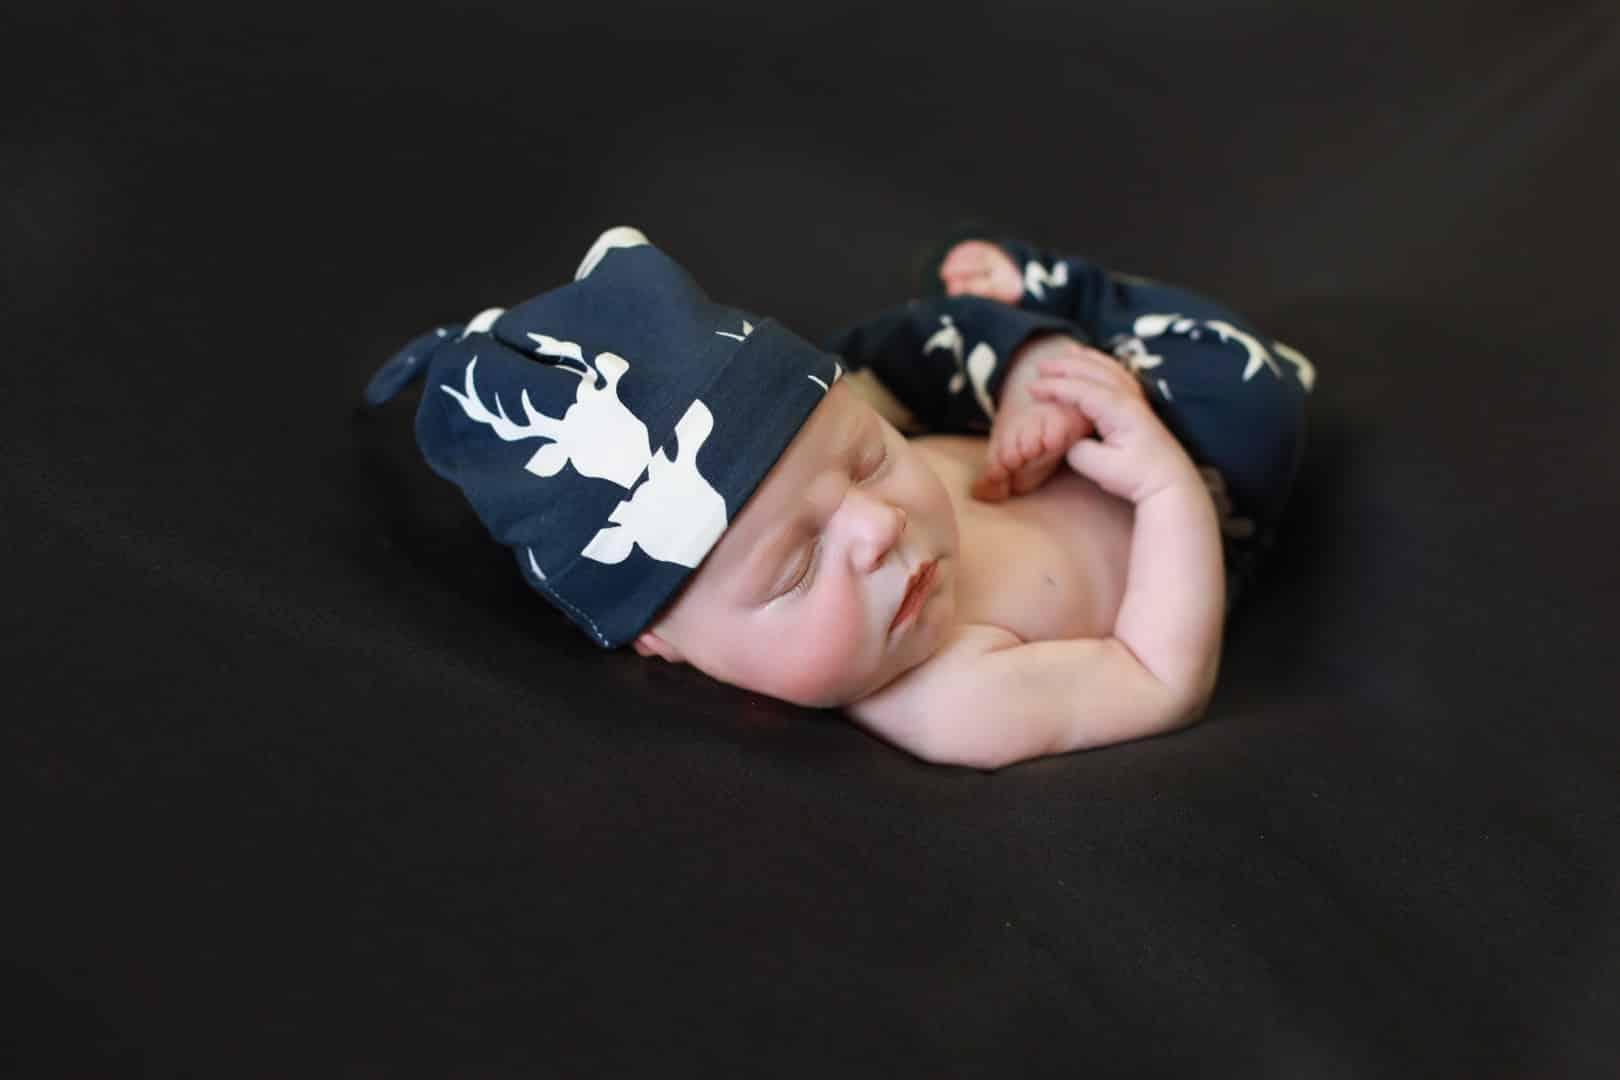 baby sleeping, grabbing foot, navy blue deer hat and pants